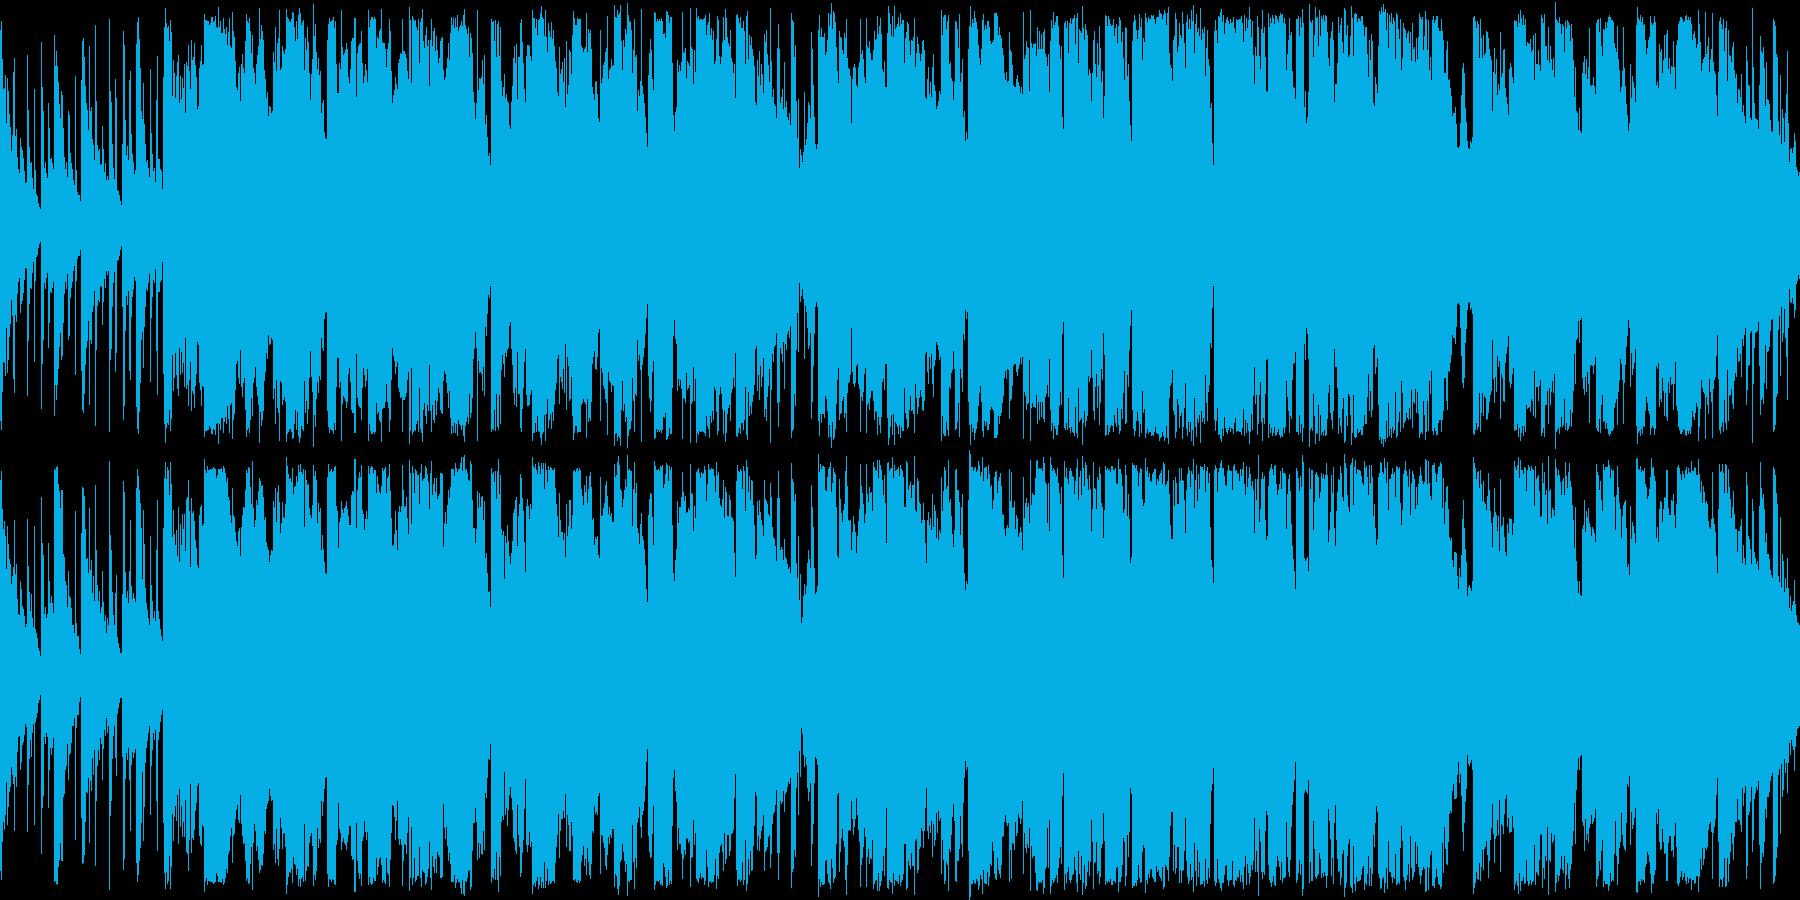 【ループ】ケルト風BGM(自然・広大)の再生済みの波形